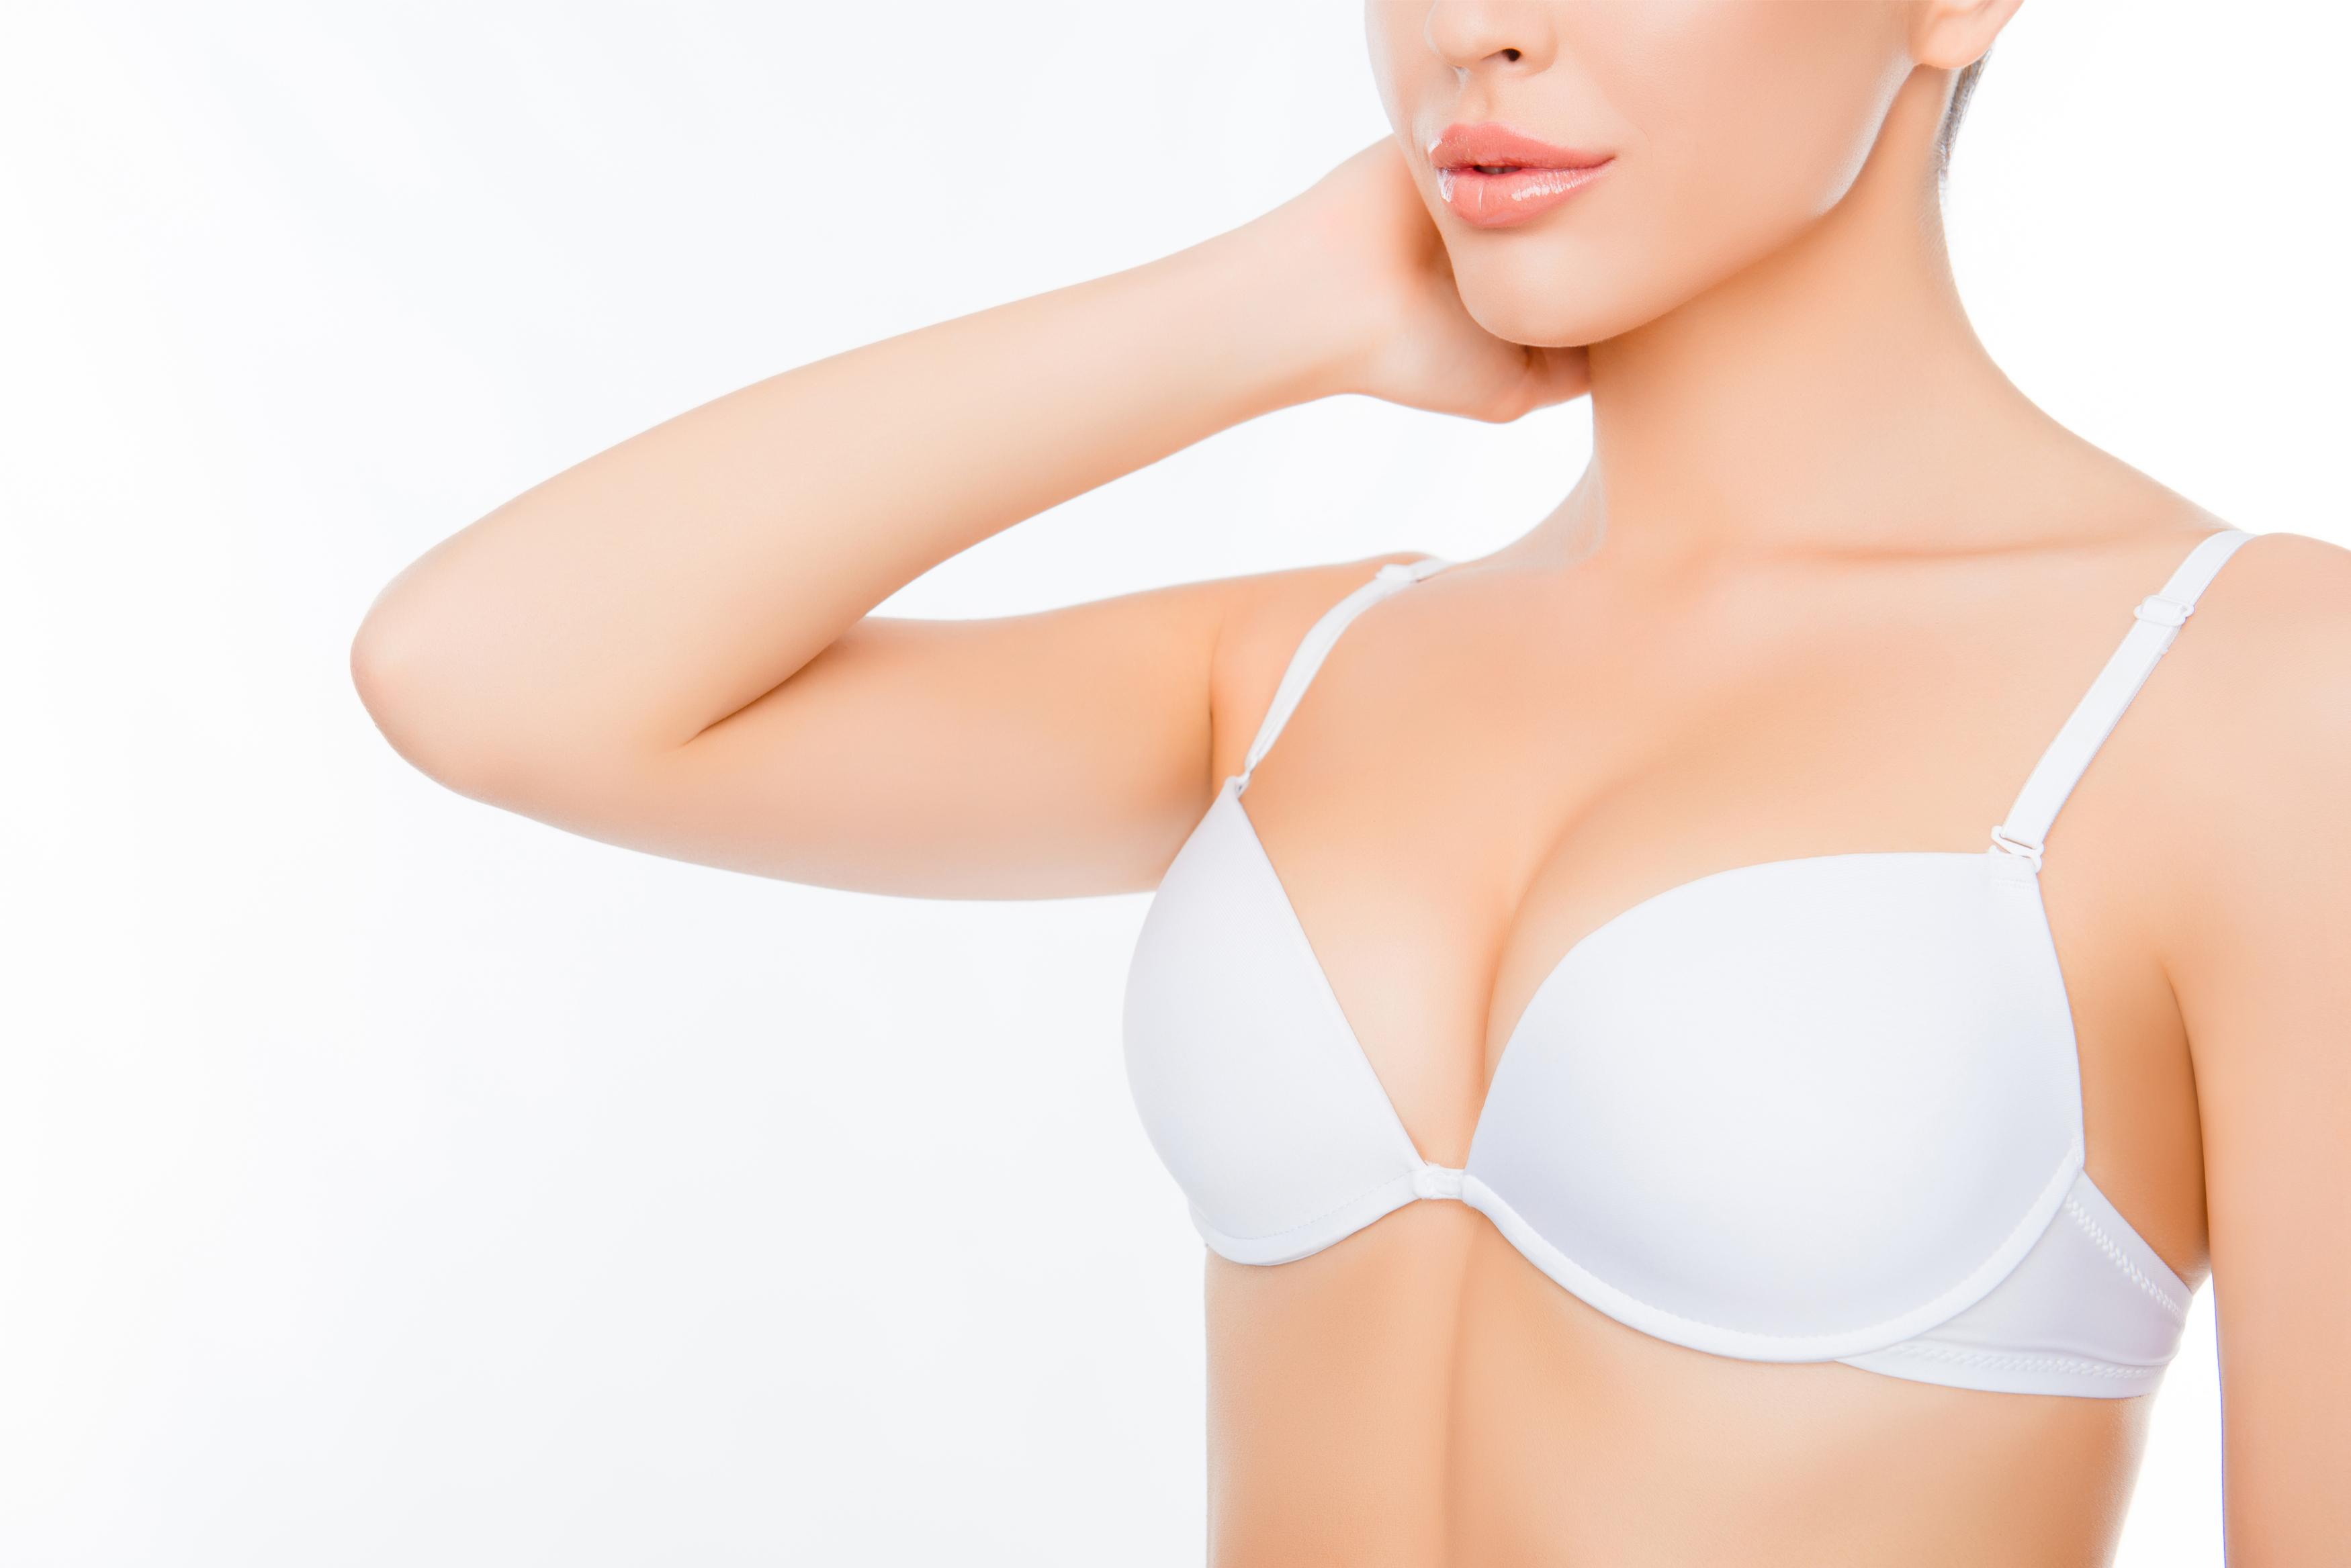 borstvergroting - Vanaf welke leeftijd een borstvergroting?